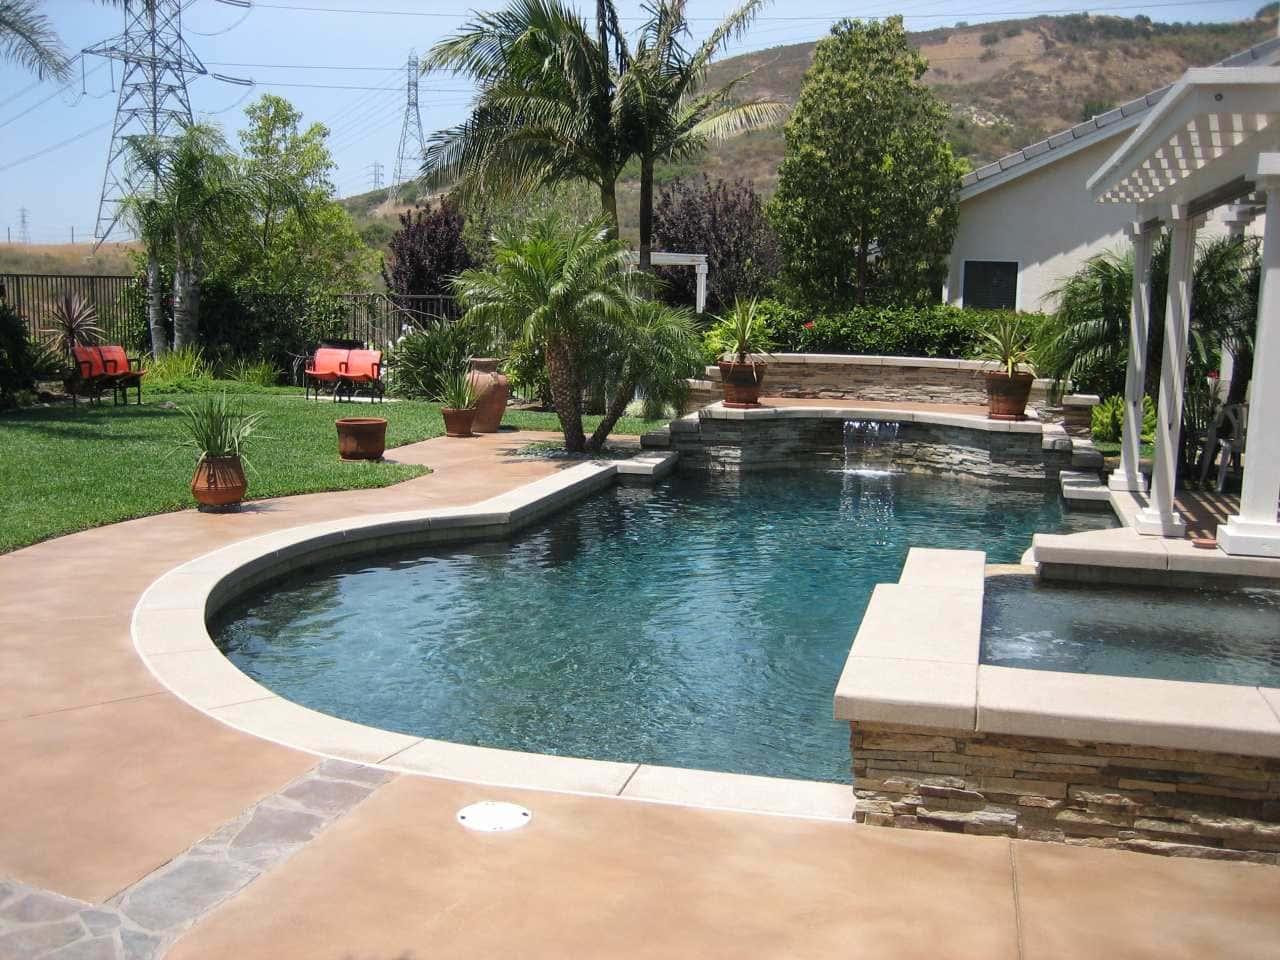 Waterproofing Pool Decks Preserves Your Investment Pli Dek